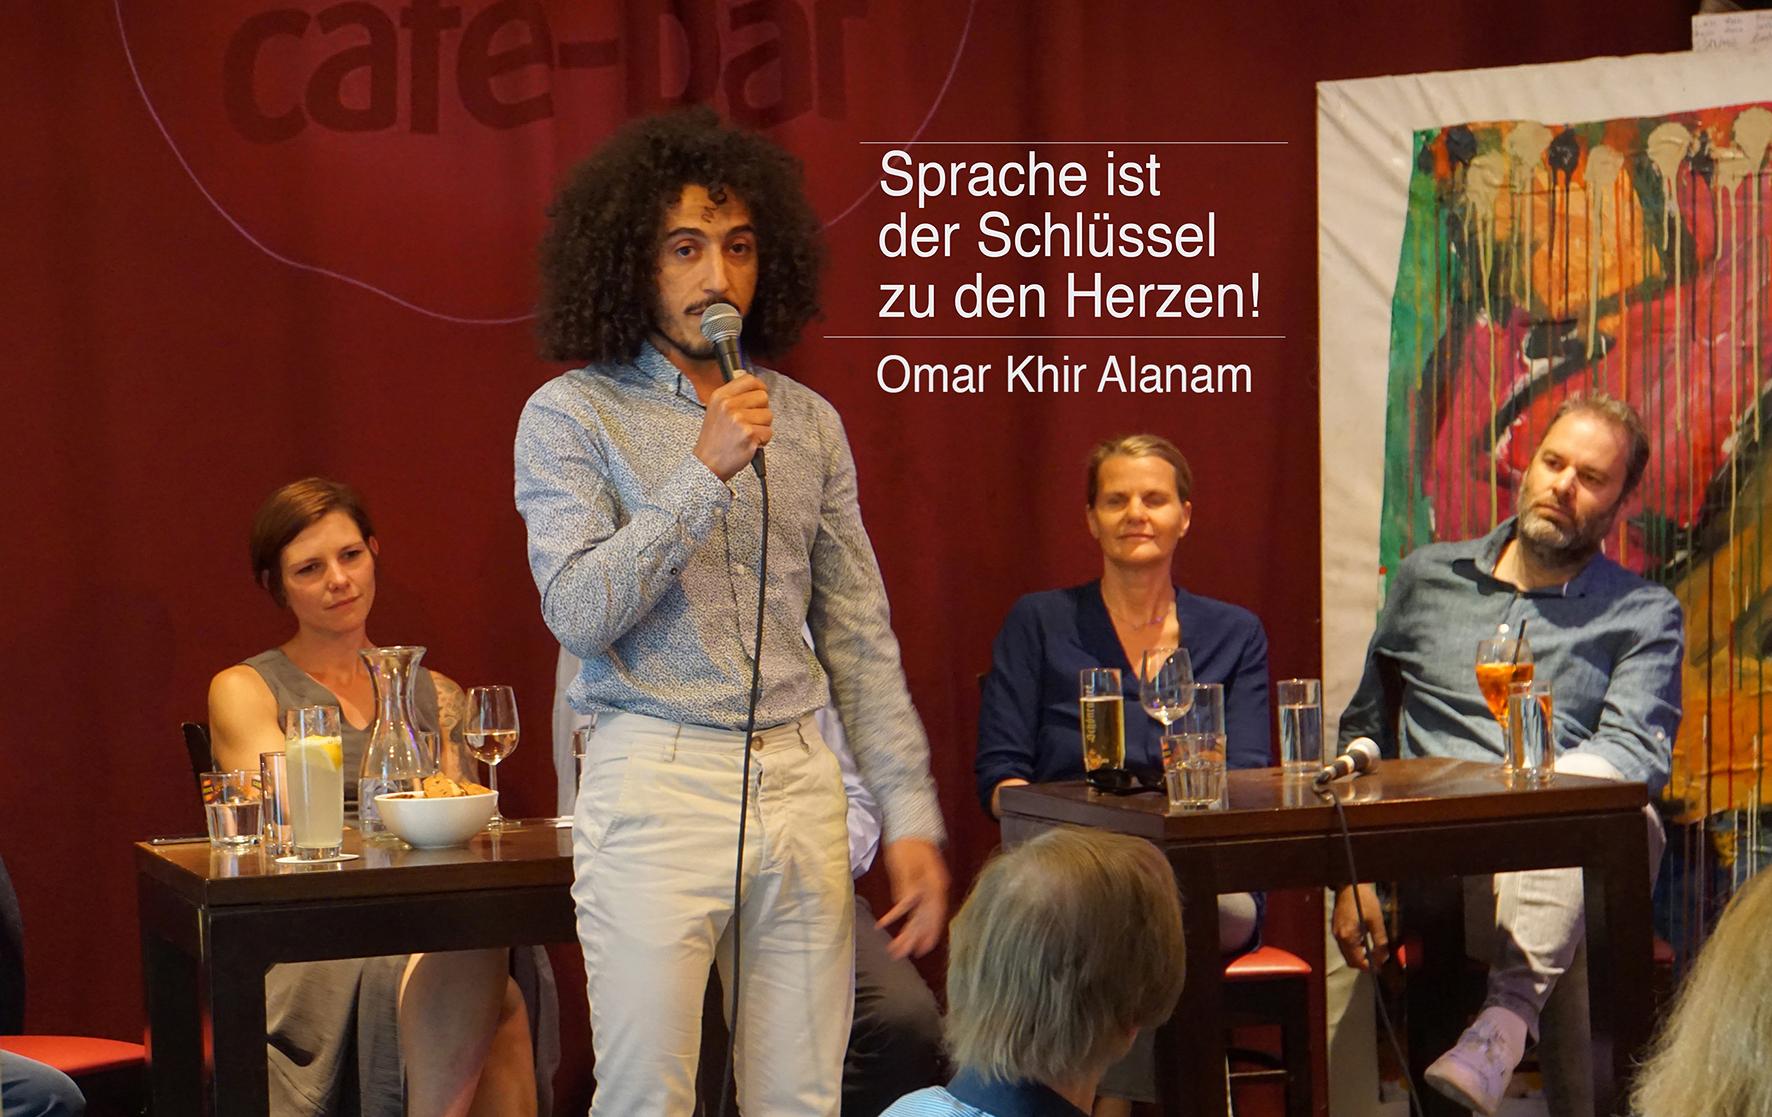 Omar-Zitat.jpg